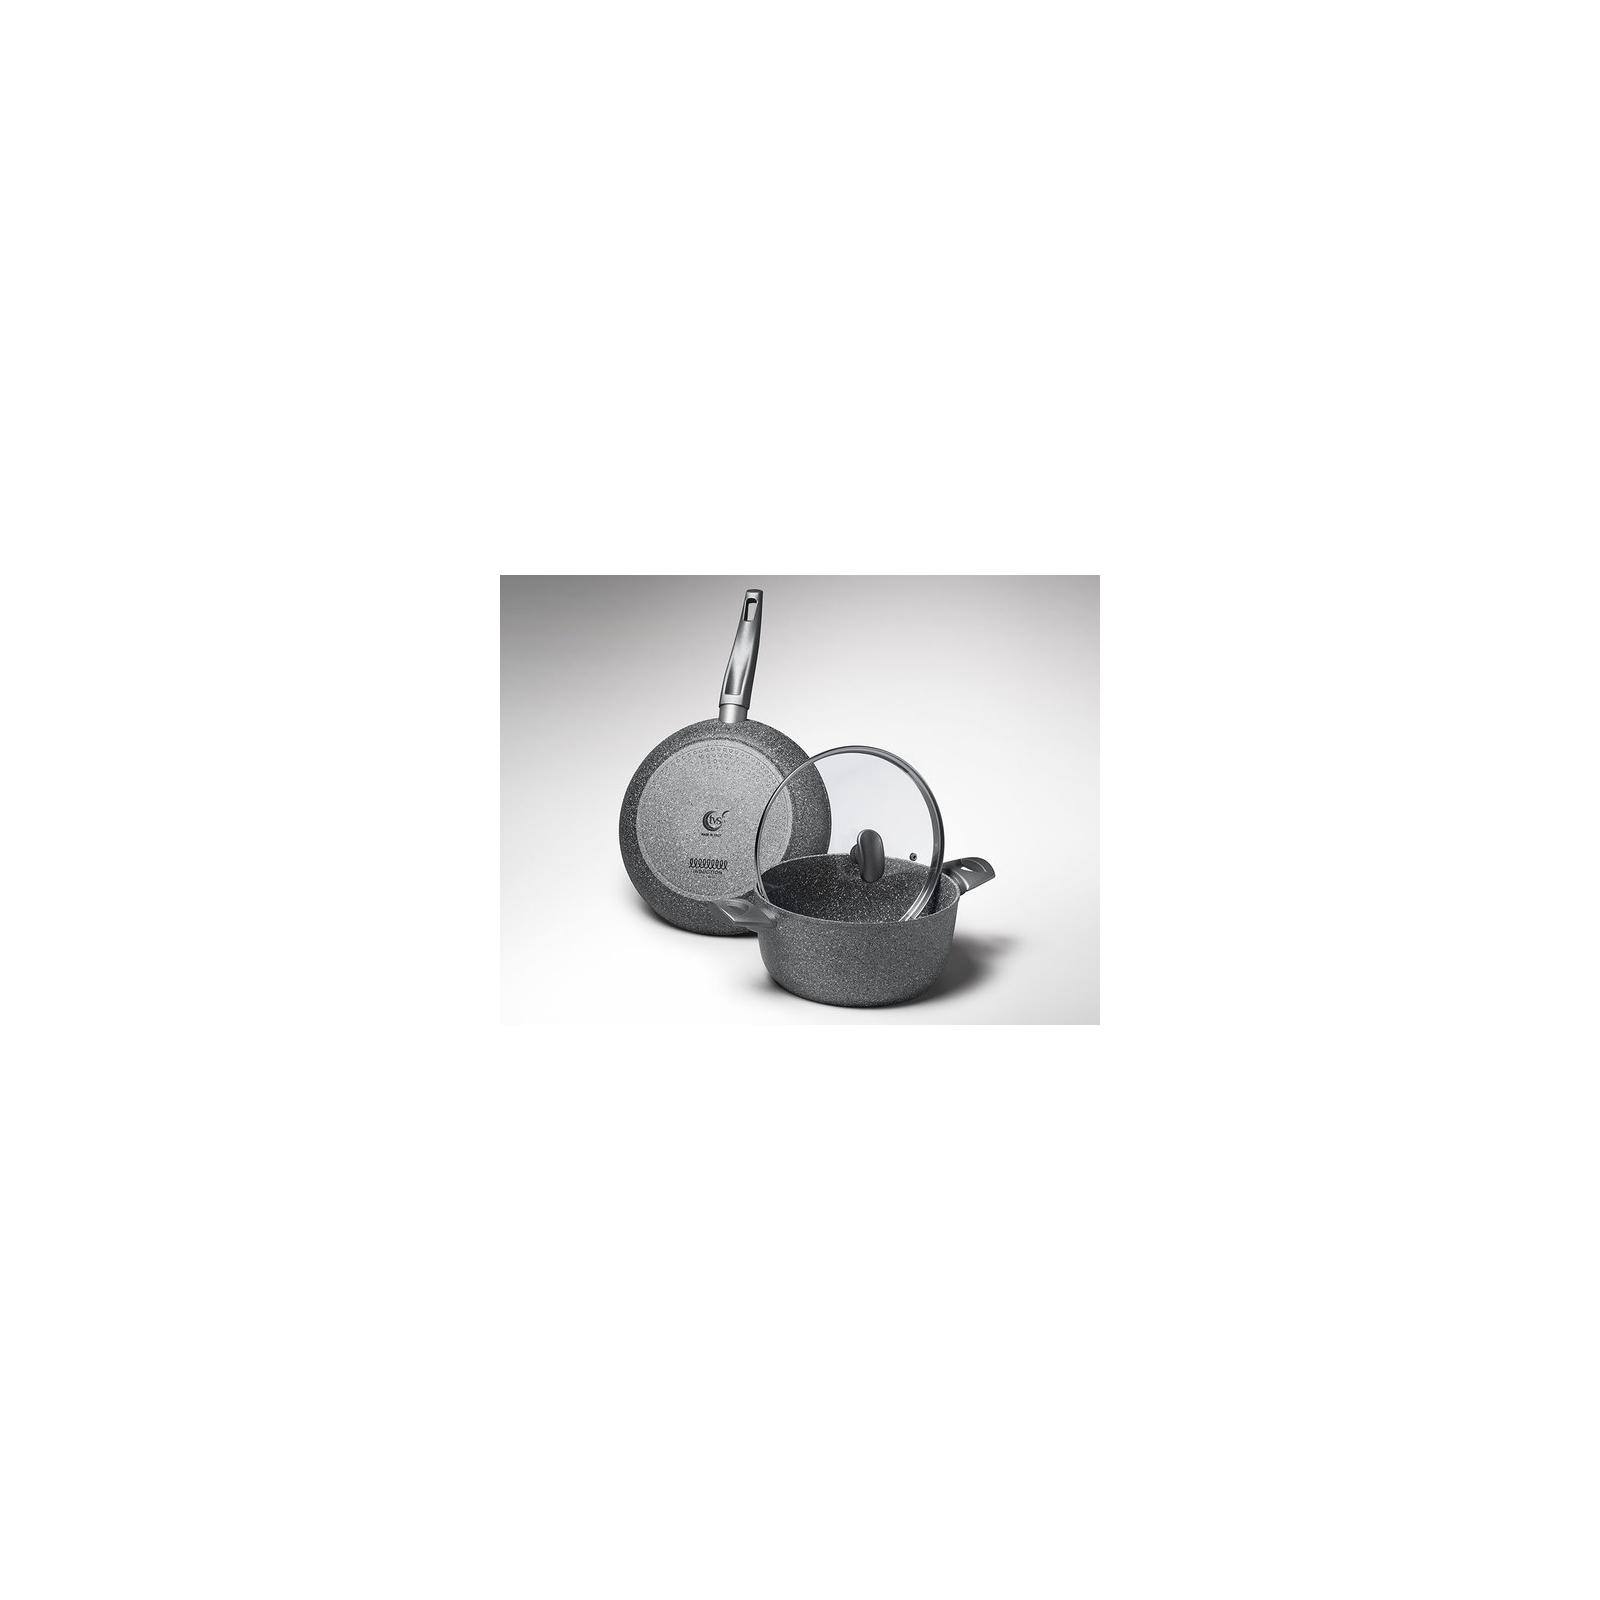 Сковорода TVS Mineralia induction Grill 28 х 28 см (BS730282910201) изображение 2